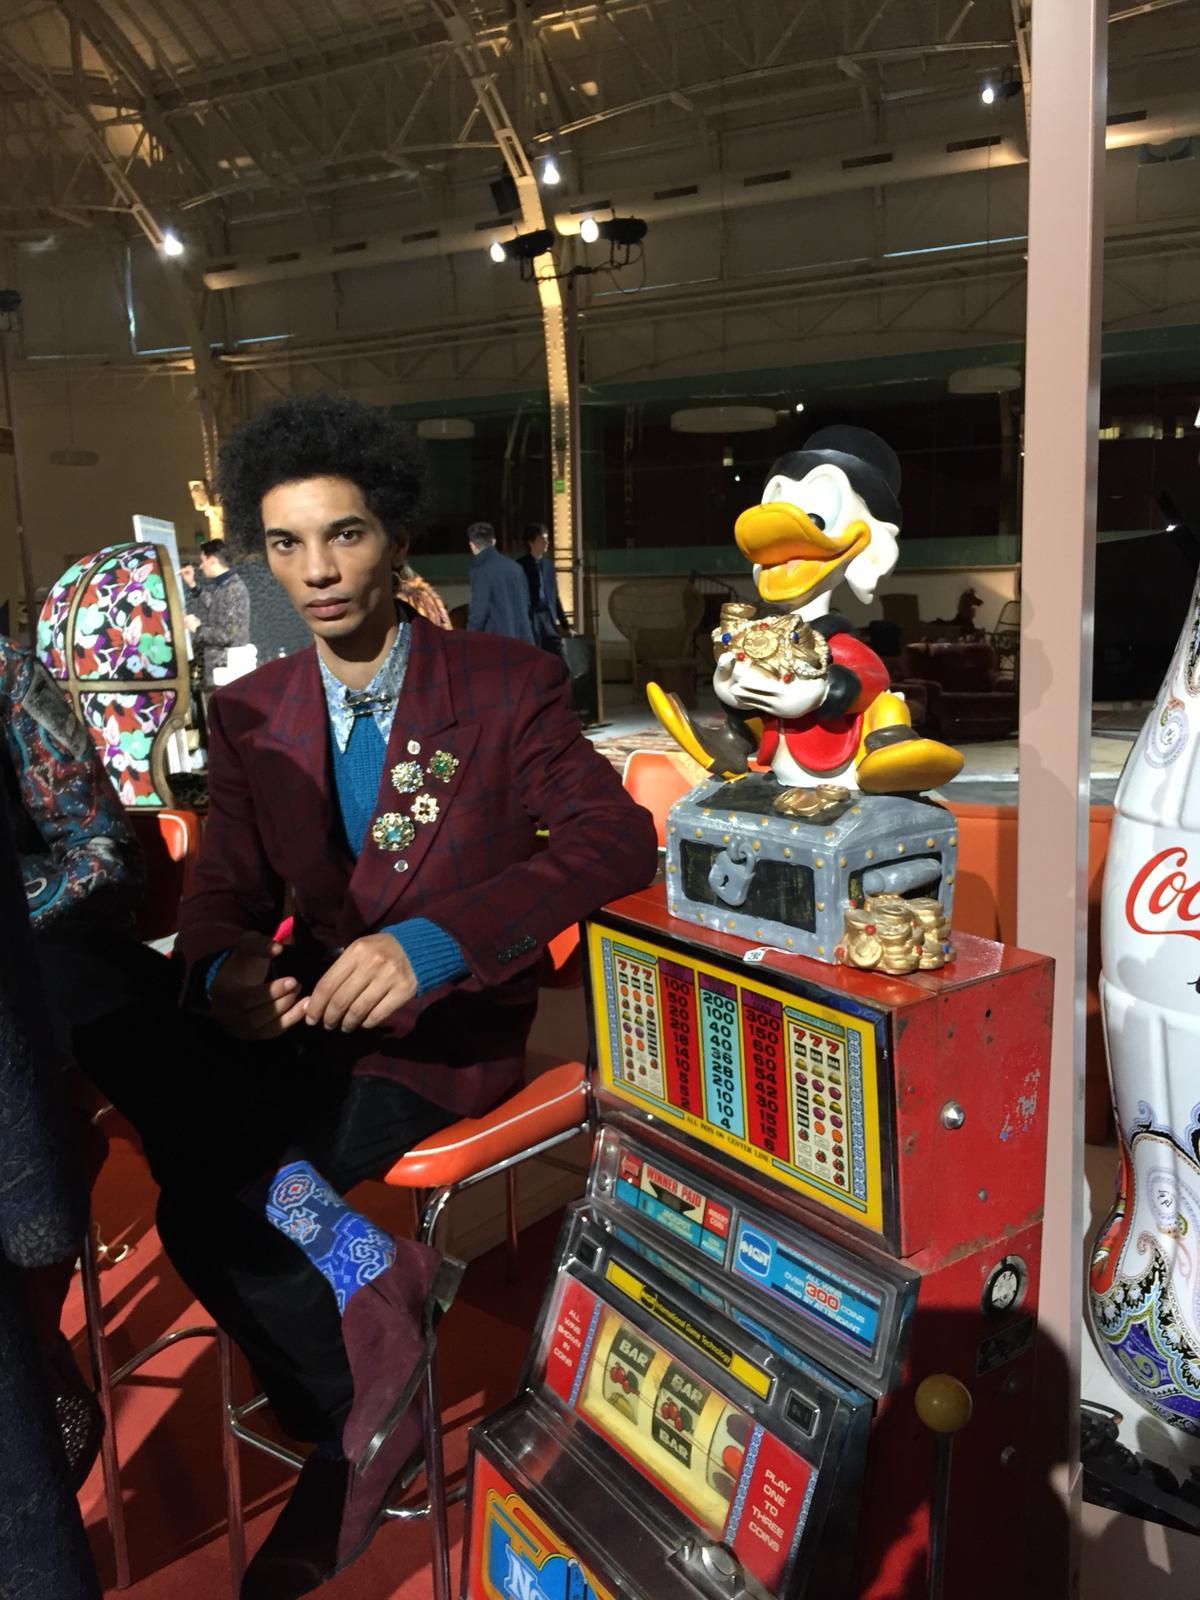 Dandy Detour, ETRO & Il Ponte per la settimana della moda milanese di gennaio